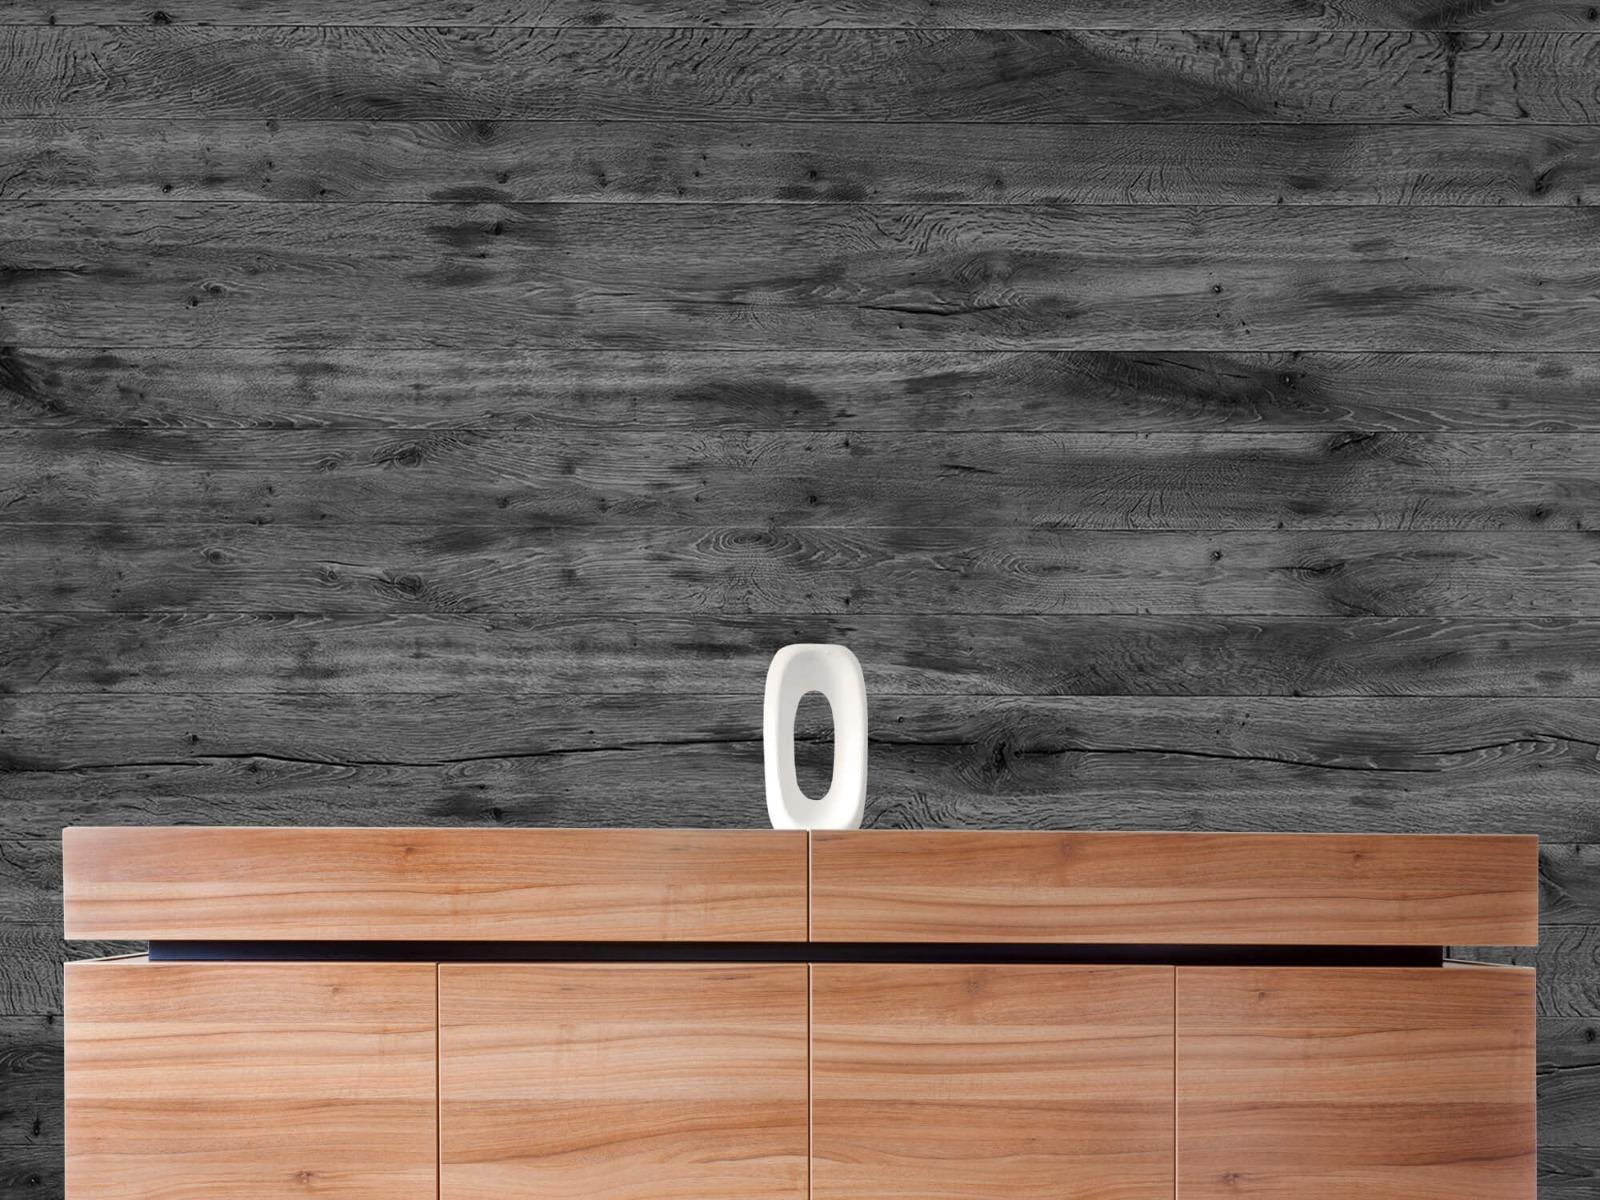 Hout behang - Grijze houten planken - Directie 21